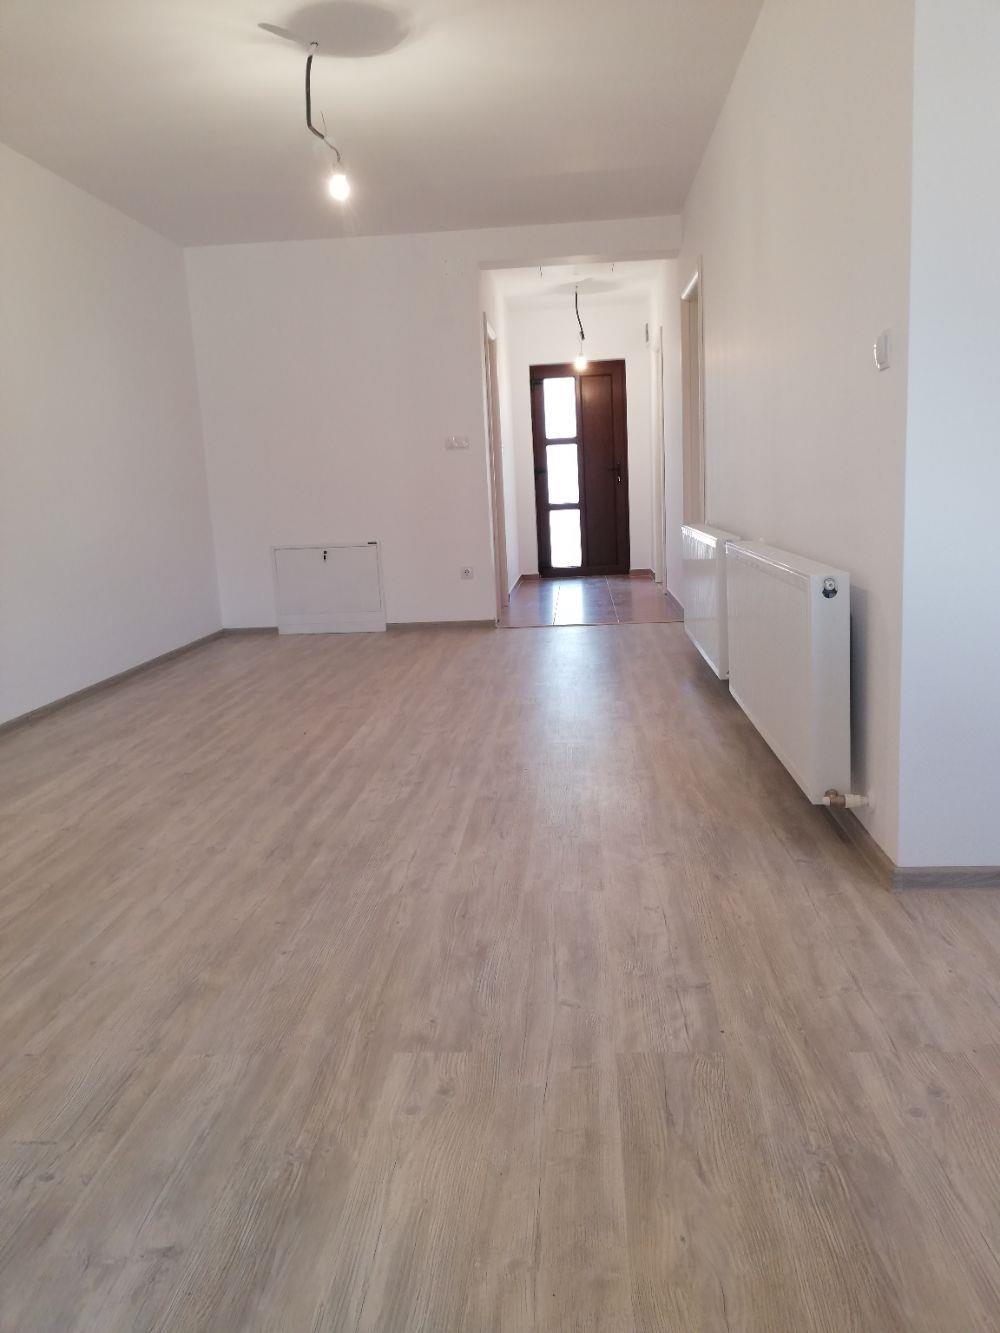 Proprietar Vind Duplex pe Parter cu utilitati  - imagine 1